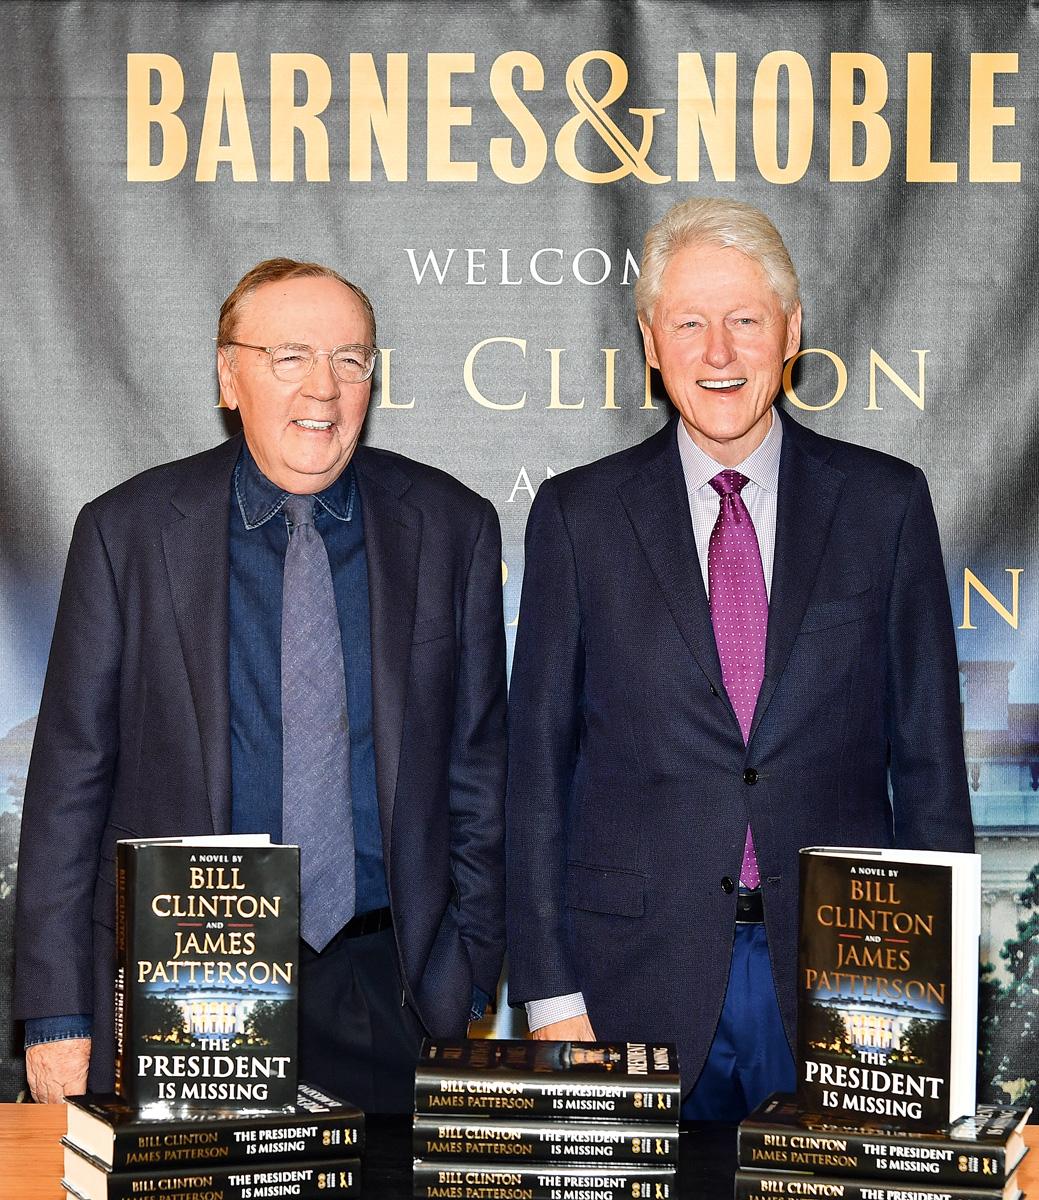 Junto con el escritor James Patterson, coautor de la novela, que trata sobre la desaparición del presidente de Estados Unidos, Jonathan Lincoln Duncan, en medio de una crisis global.